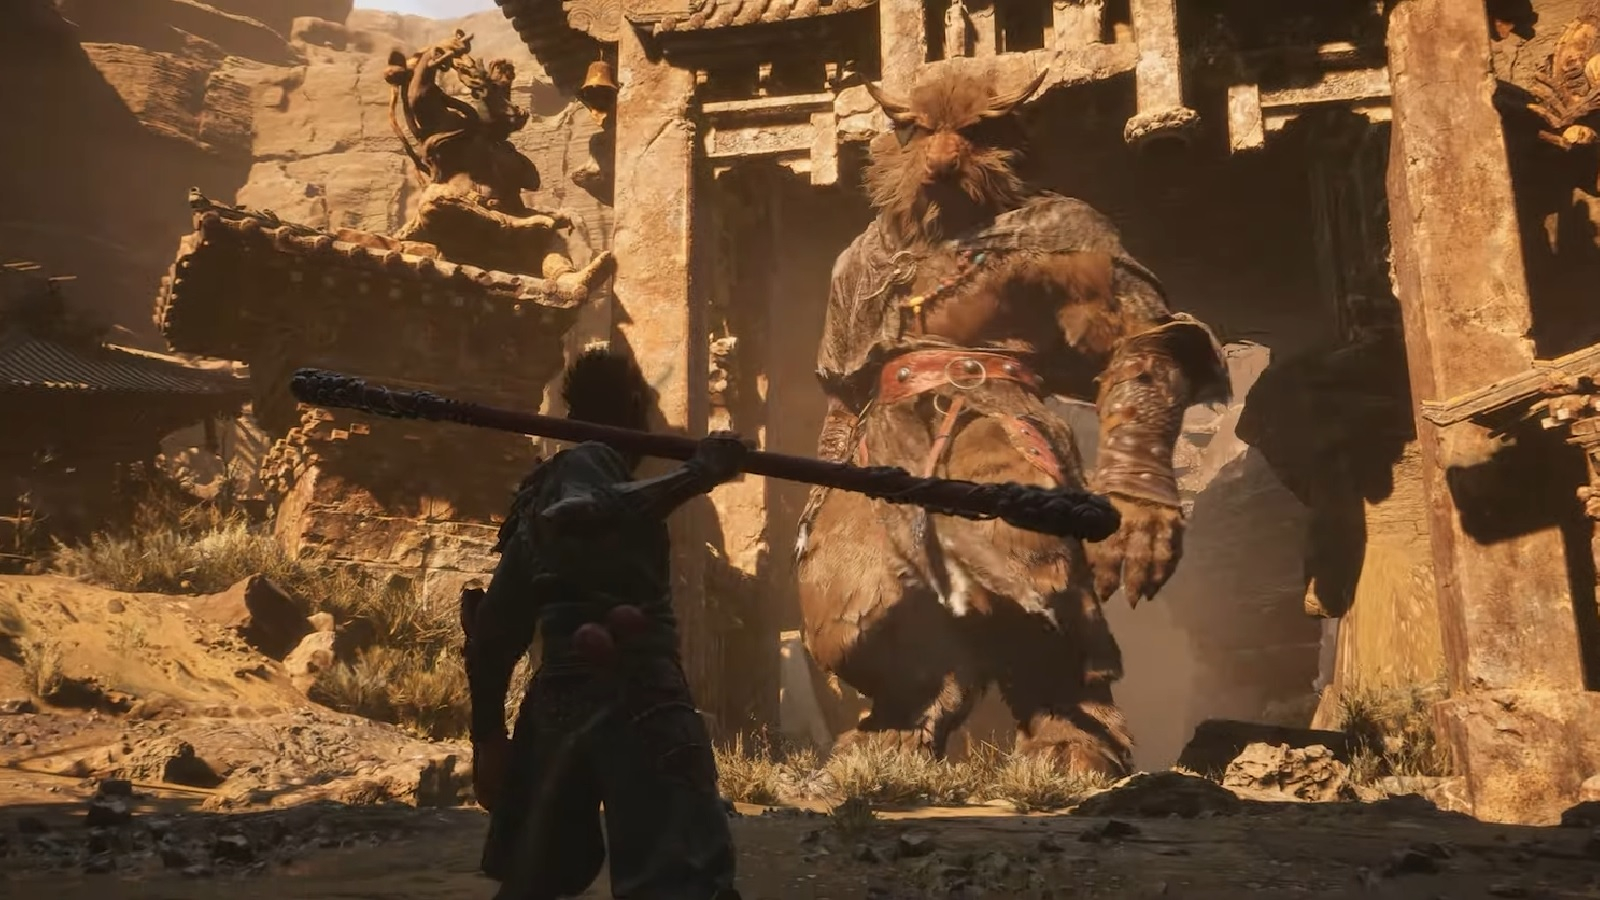 Силён как бык: создатели Black Myth: Wu Kong отметили предстоящий китайский Новый год свежим геймплейным трейлером